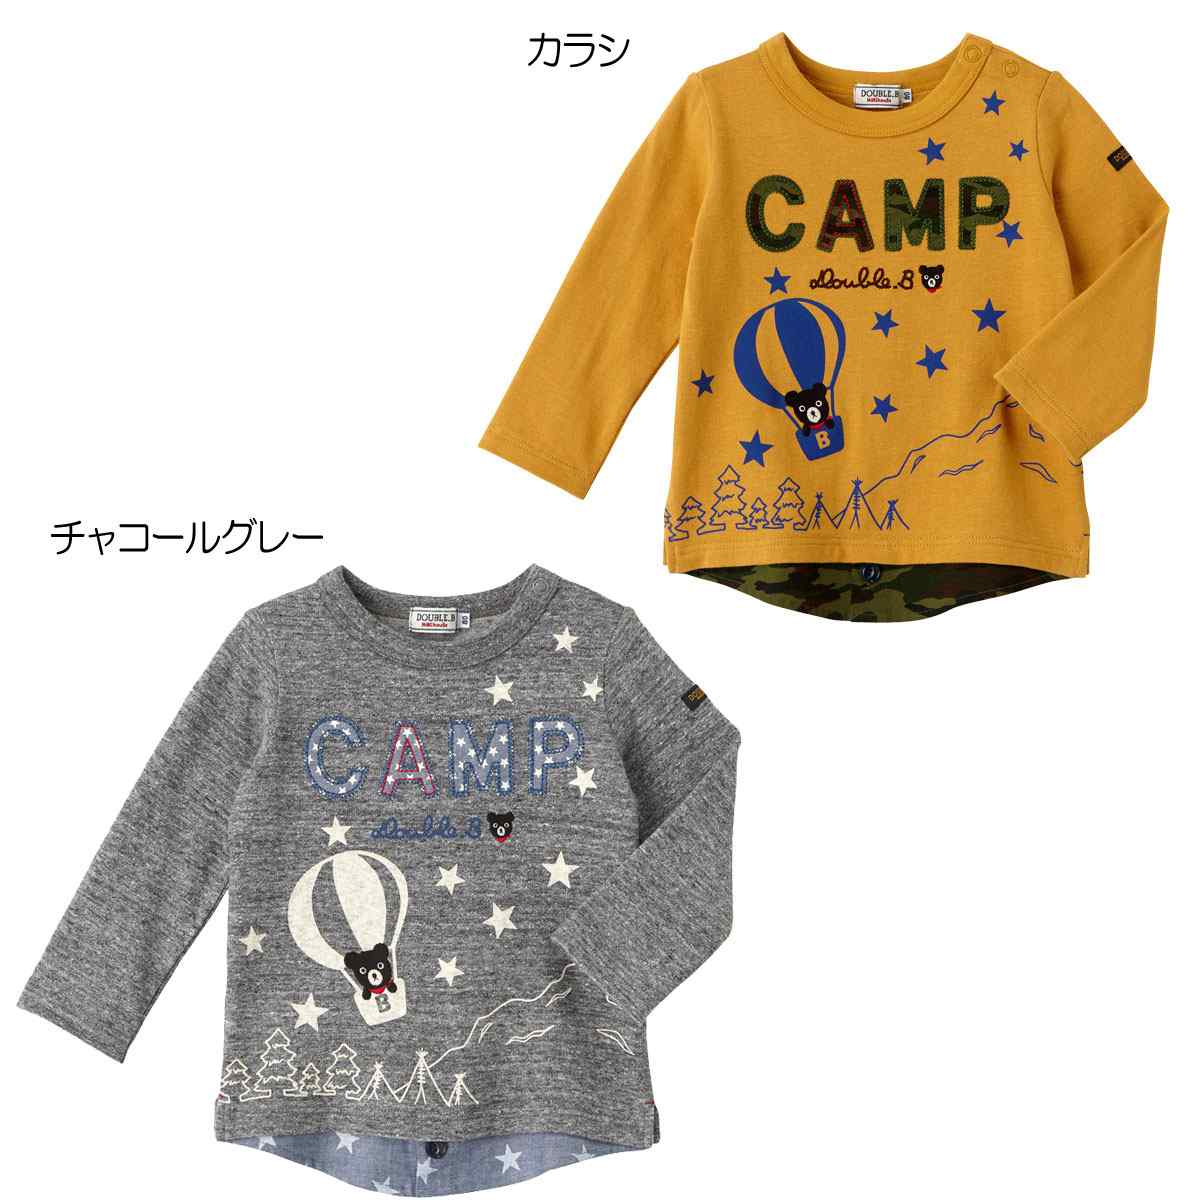 クリアランスSALE double_b(ダブルB)バルーンプリント長袖Tシャツ (100cm・110cm)(63-5205-614)